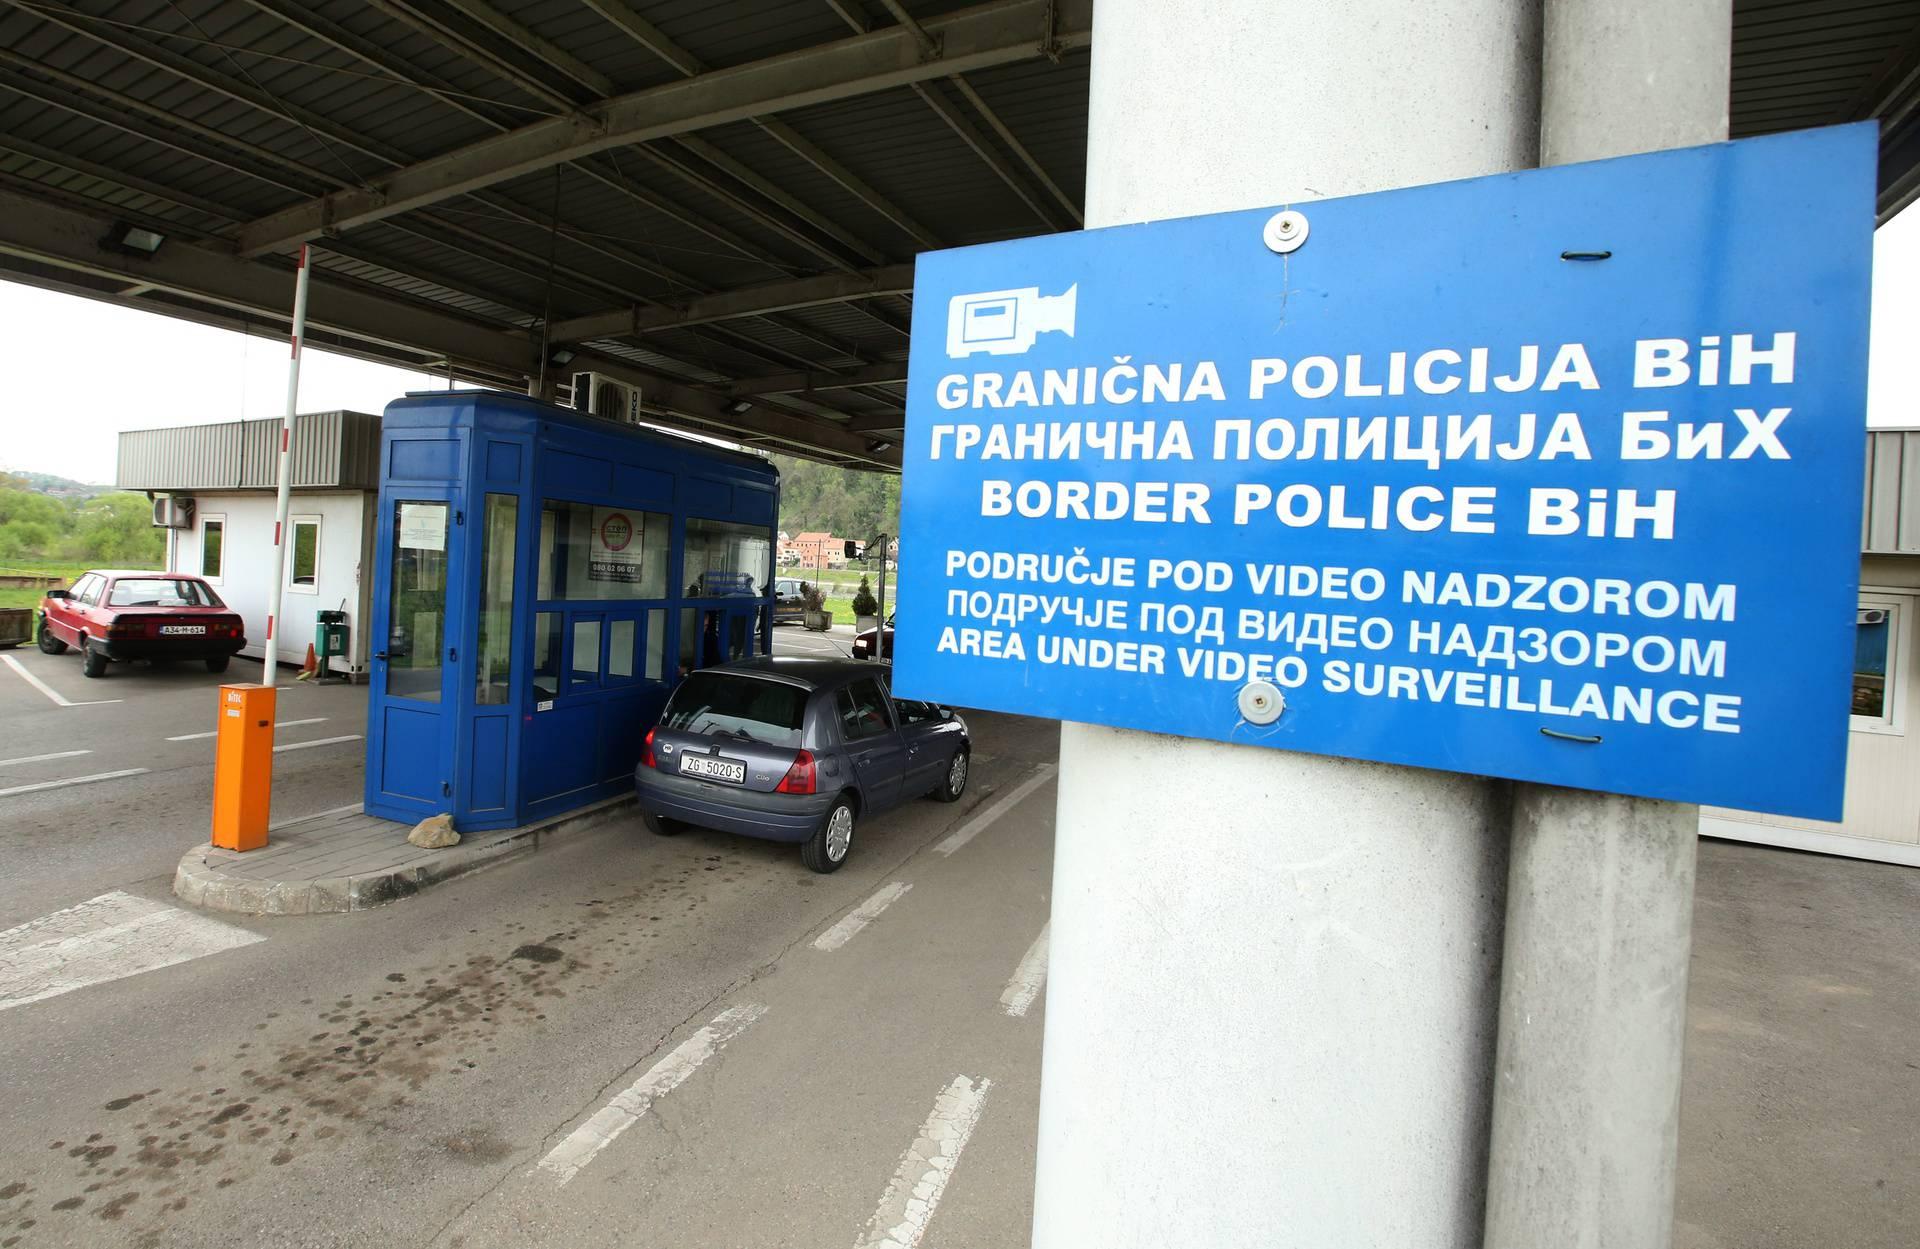 Za ulazak u Bosnu i Hercegovinu neće trebati imati zelenu kartu